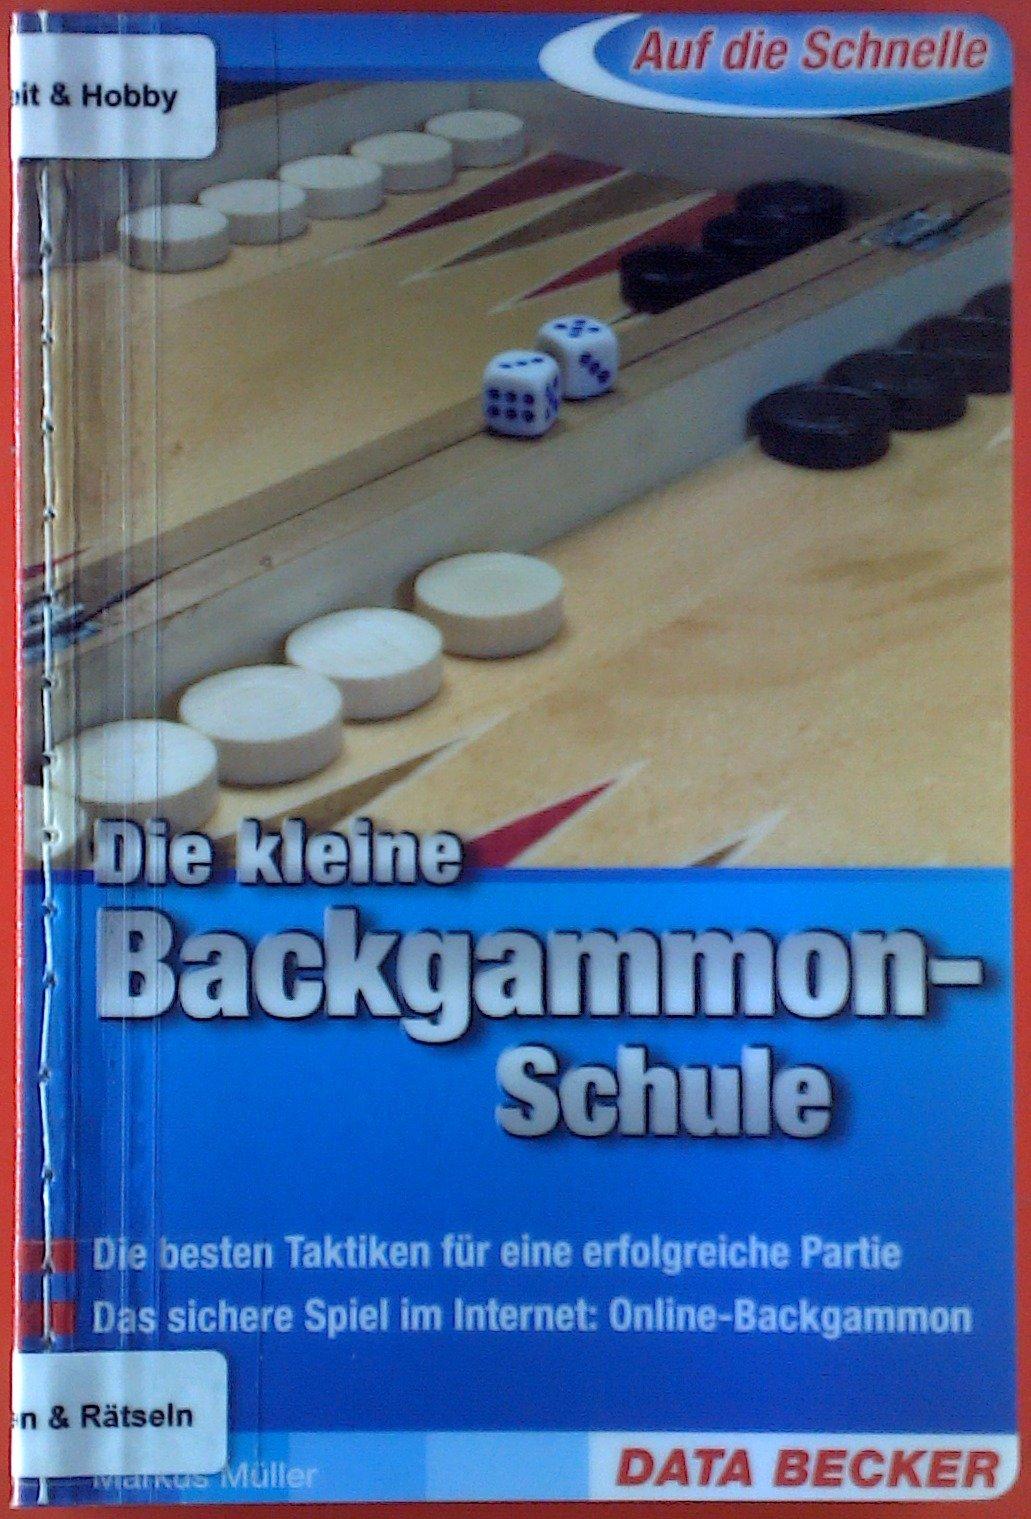 Die kleine Backgammon-Schule